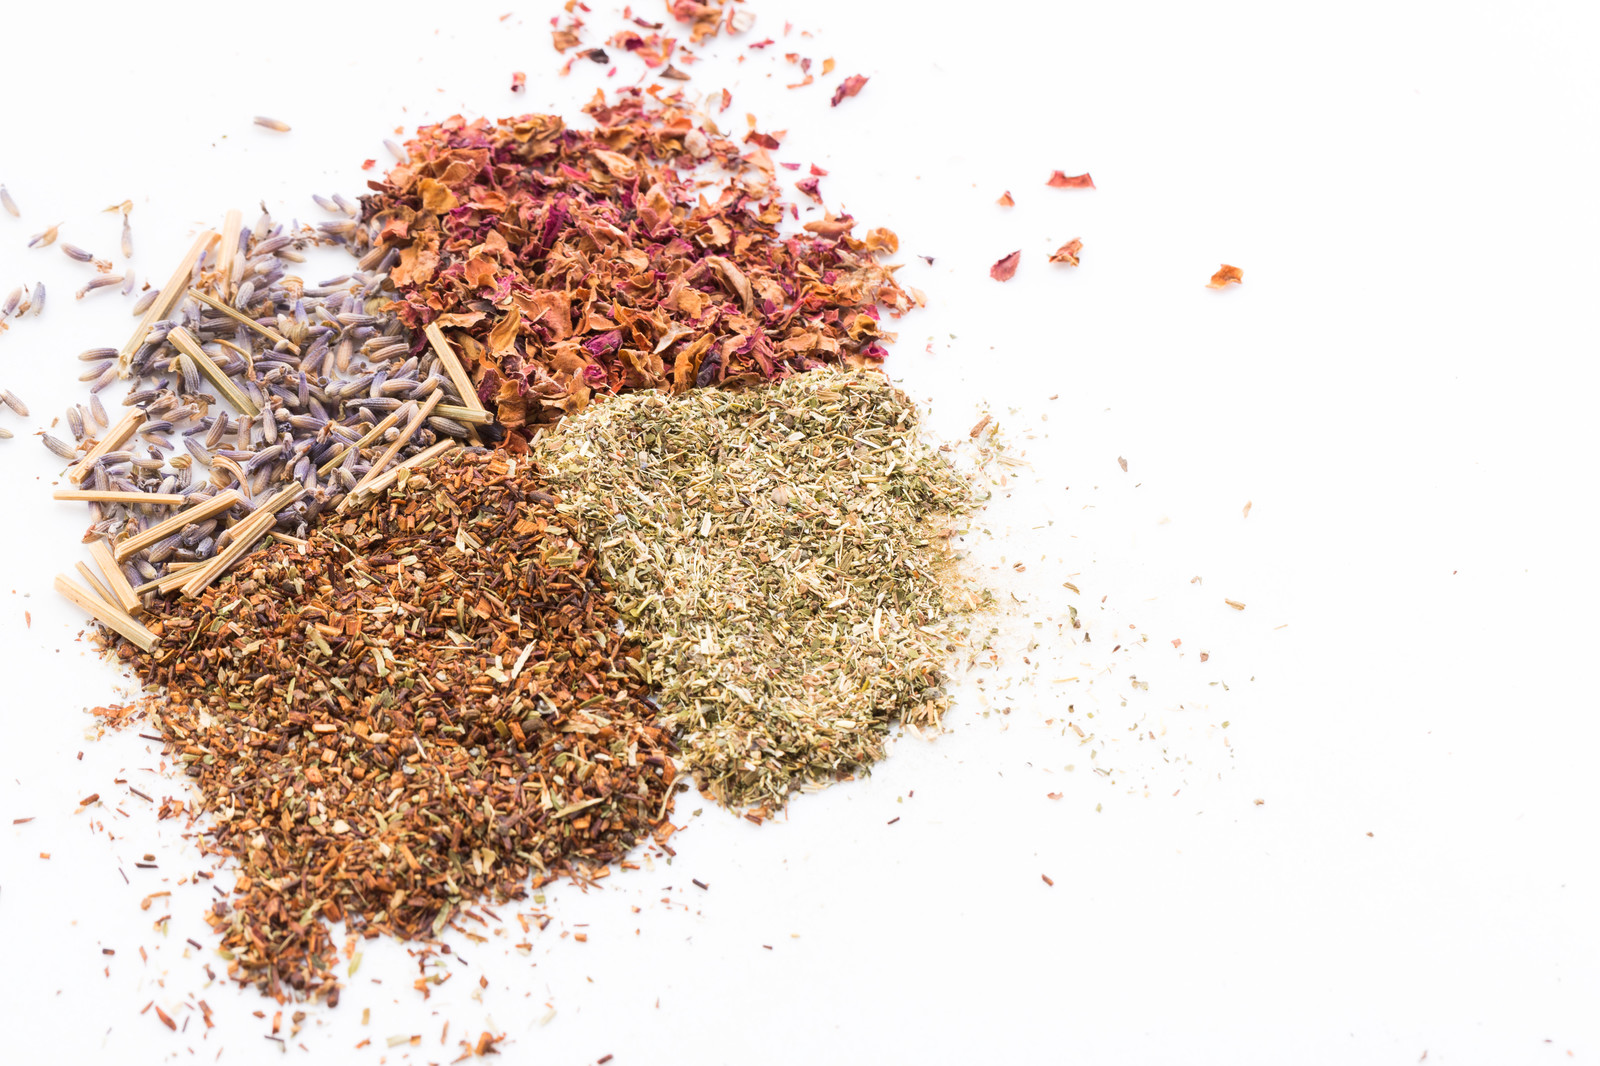 「4種類の香草や粉末」の写真